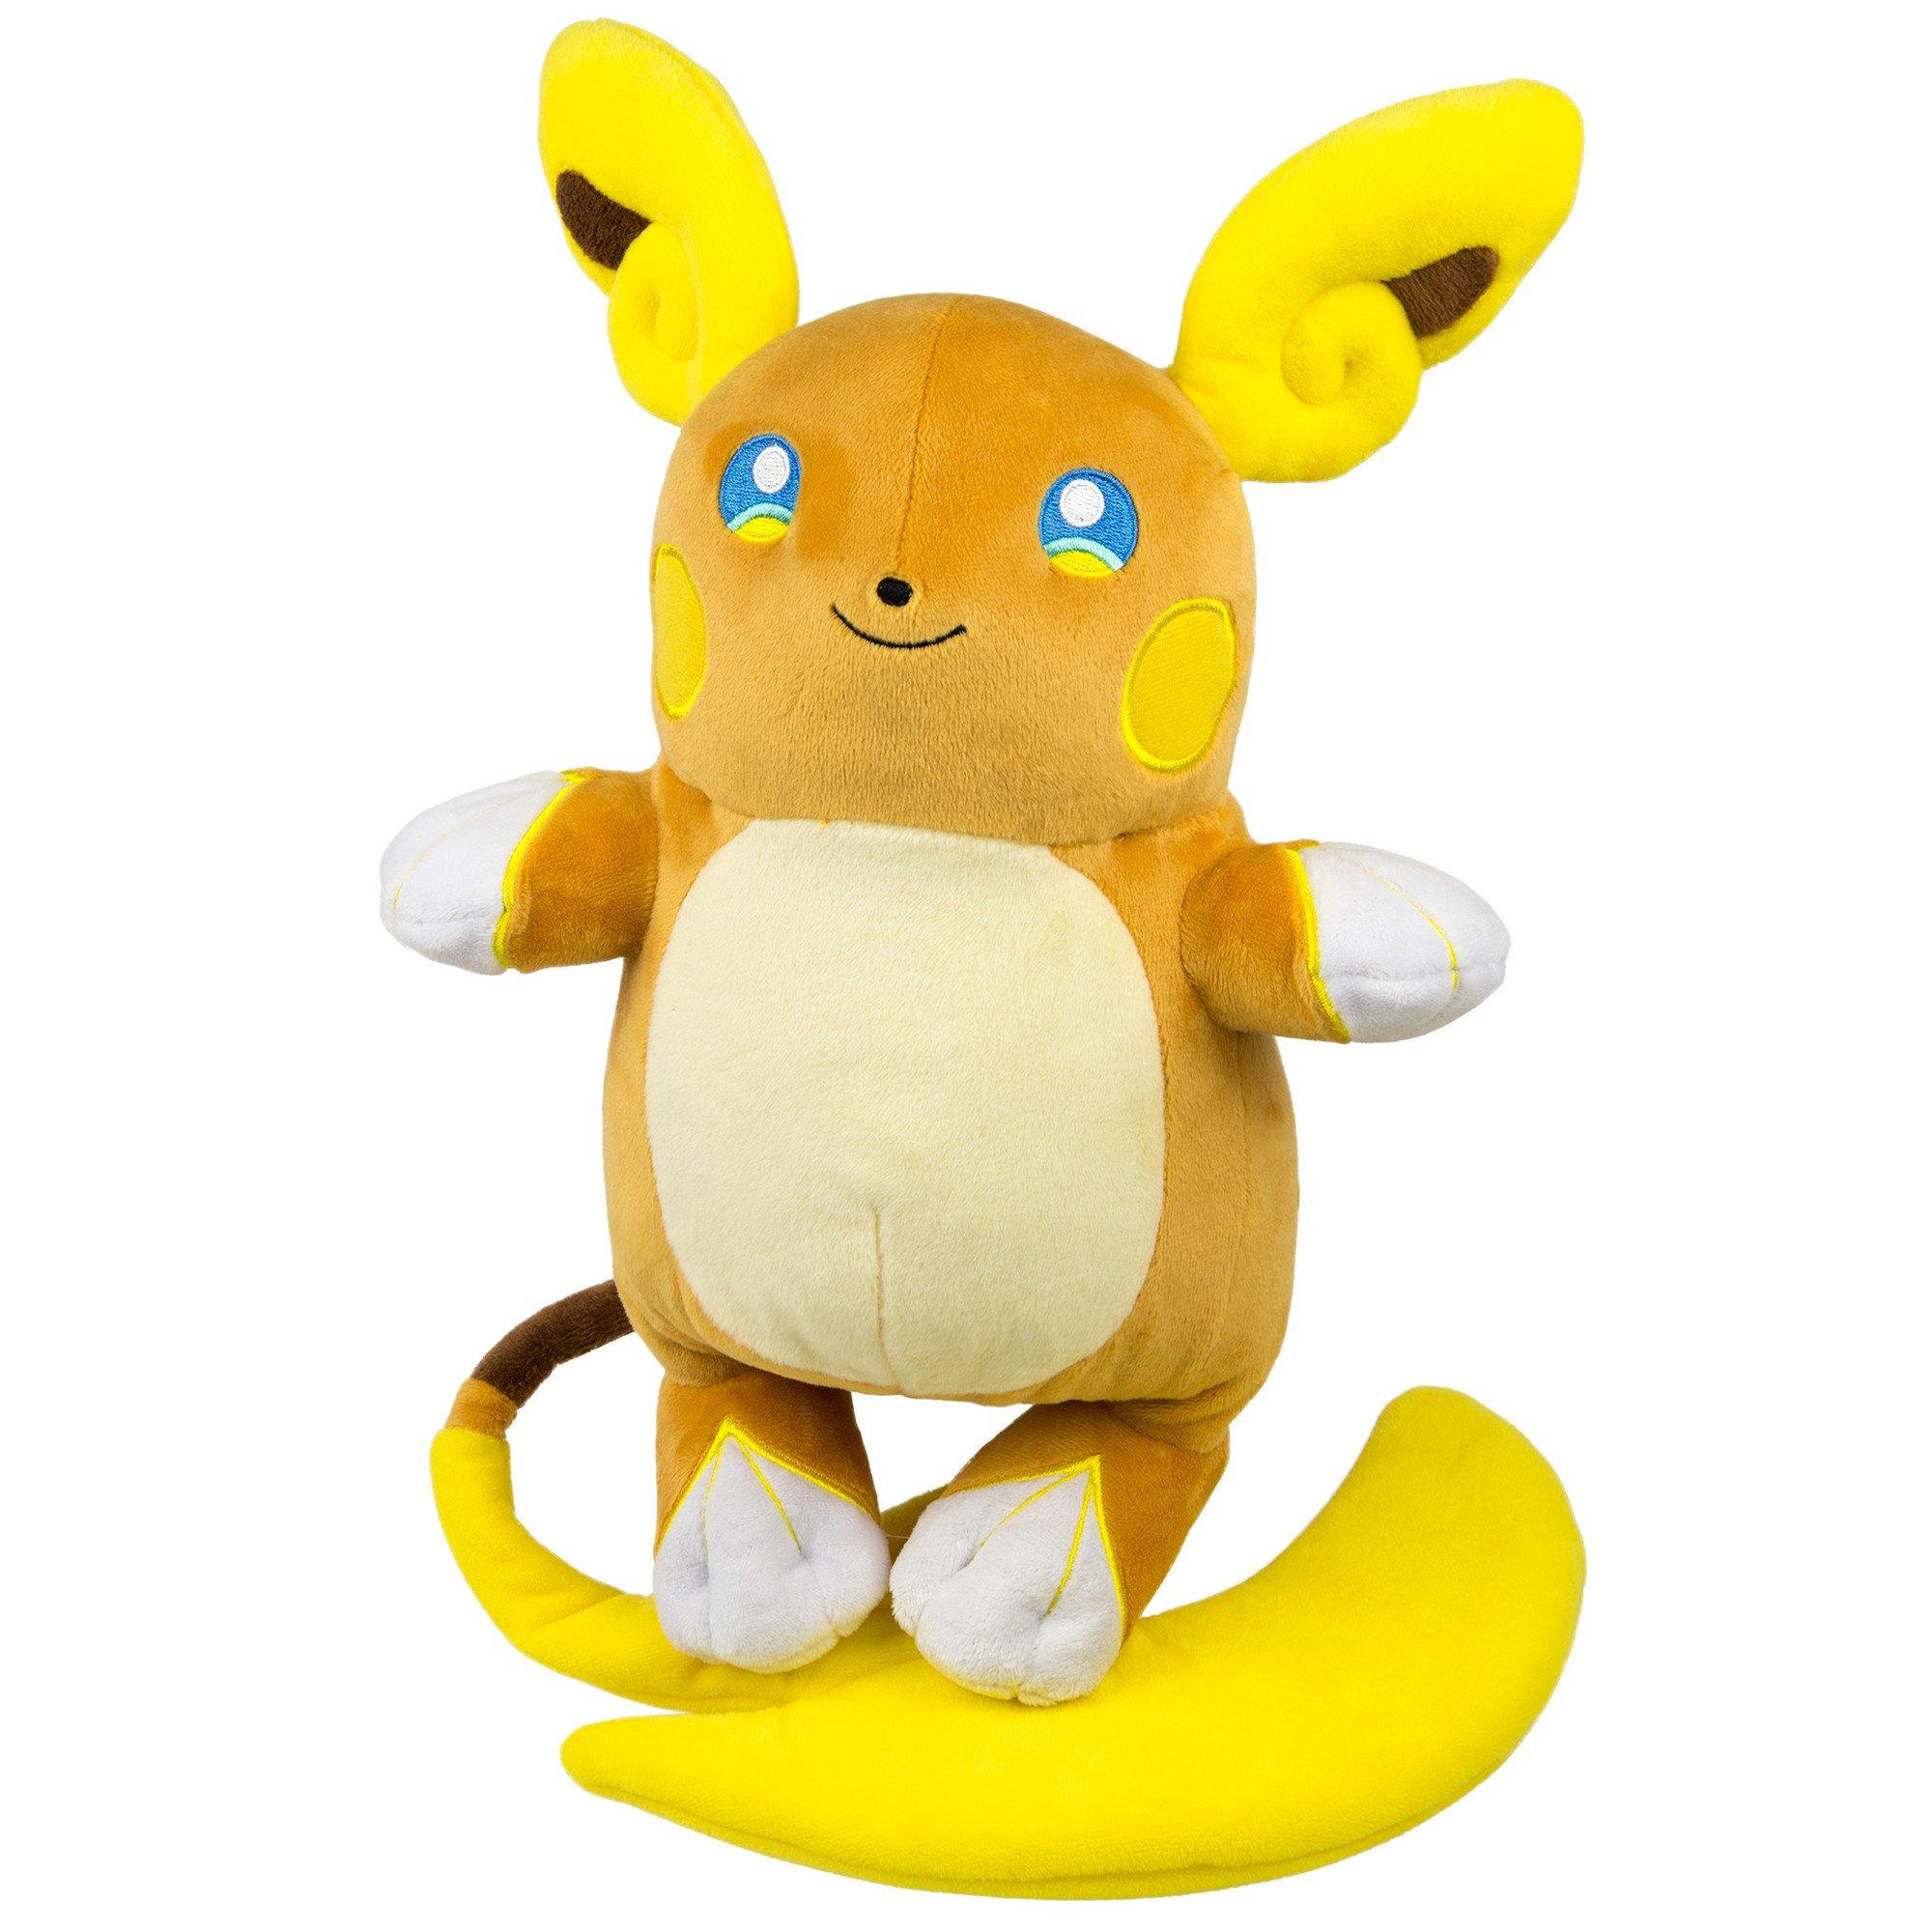 Pokémon Large Plush, Alolan Raichu by TOMY